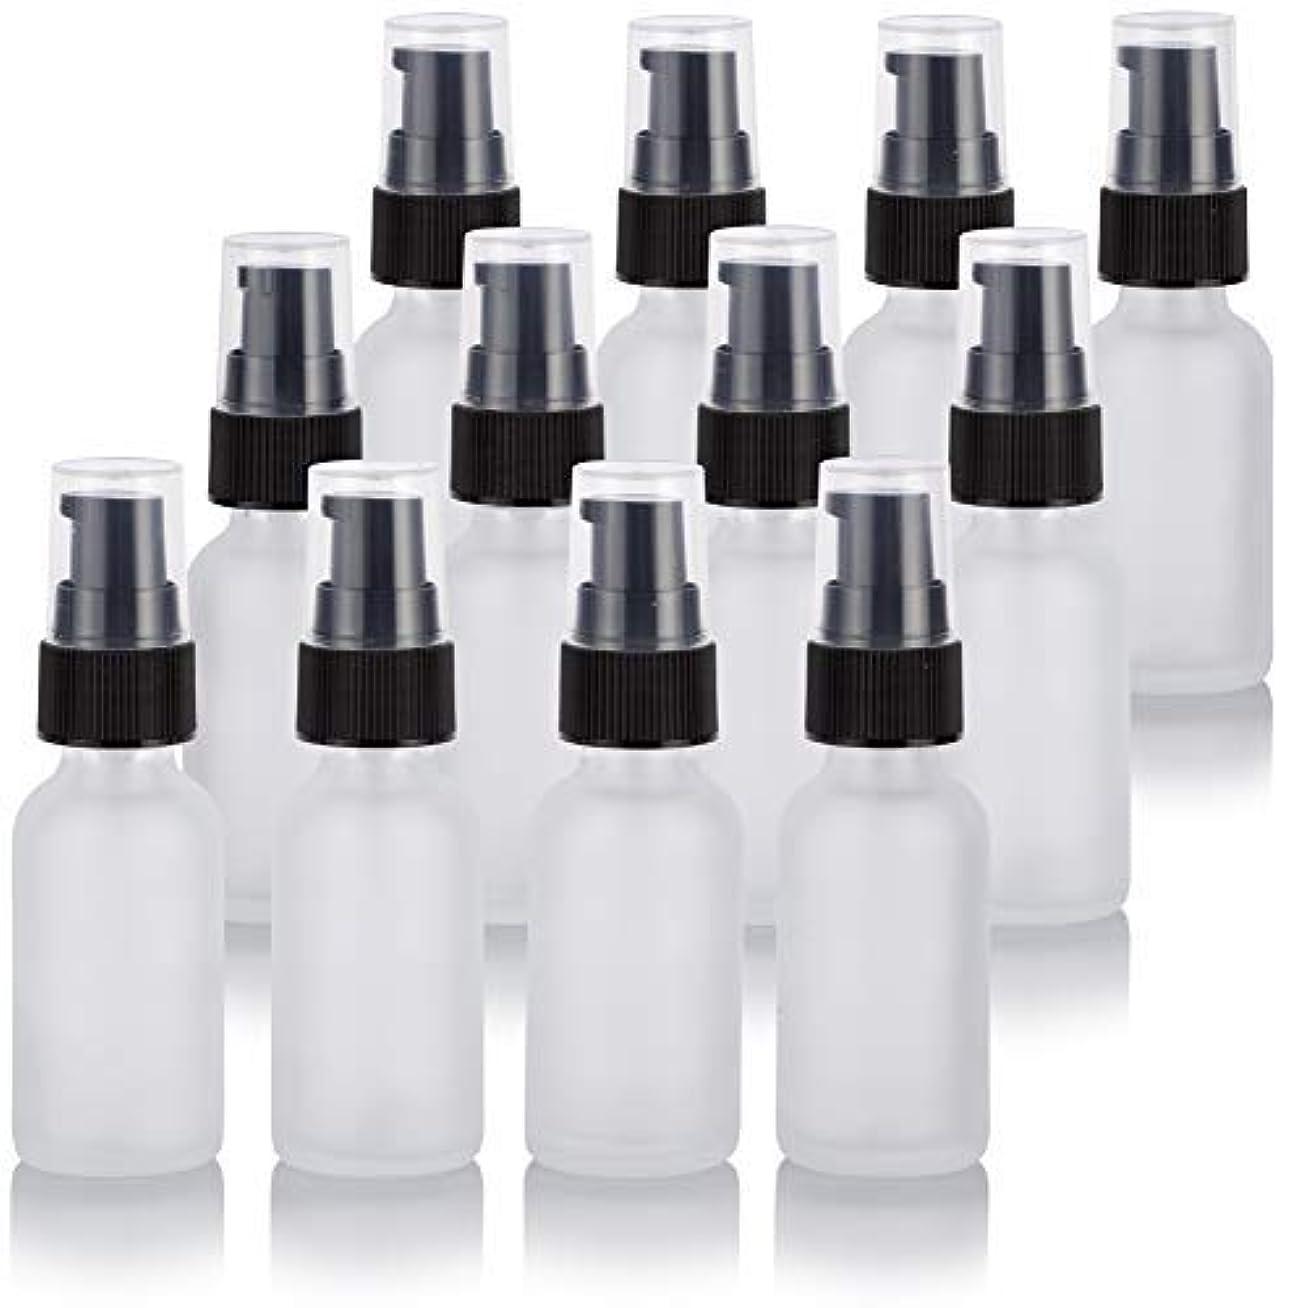 動詞壁の量1 oz Frosted Clear Glass Boston Round Treatment Pump Bottle (12 Pack) + Funnel for Cosmetics, serums, Essential...